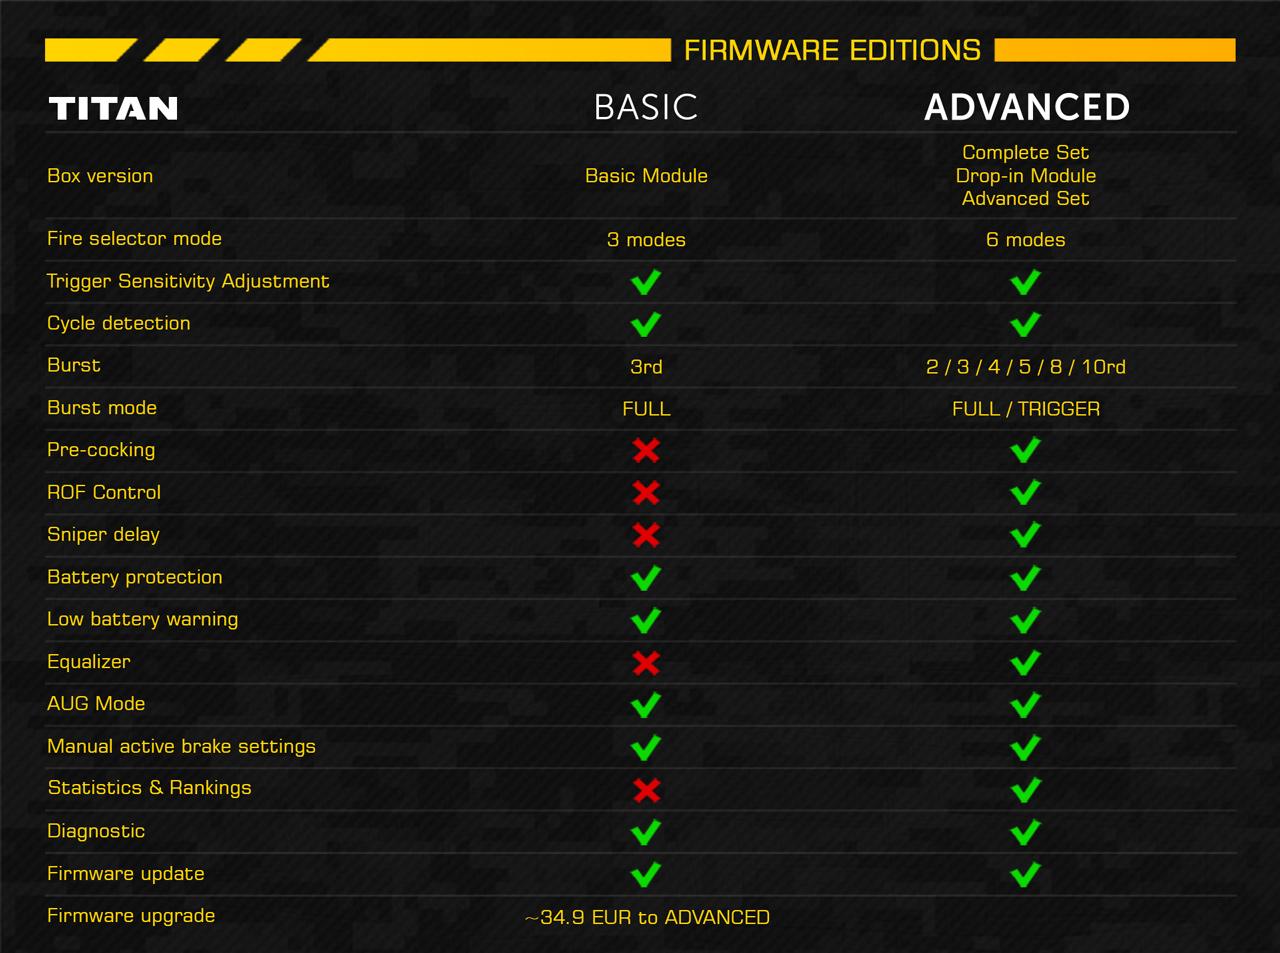 Tabela de compararção